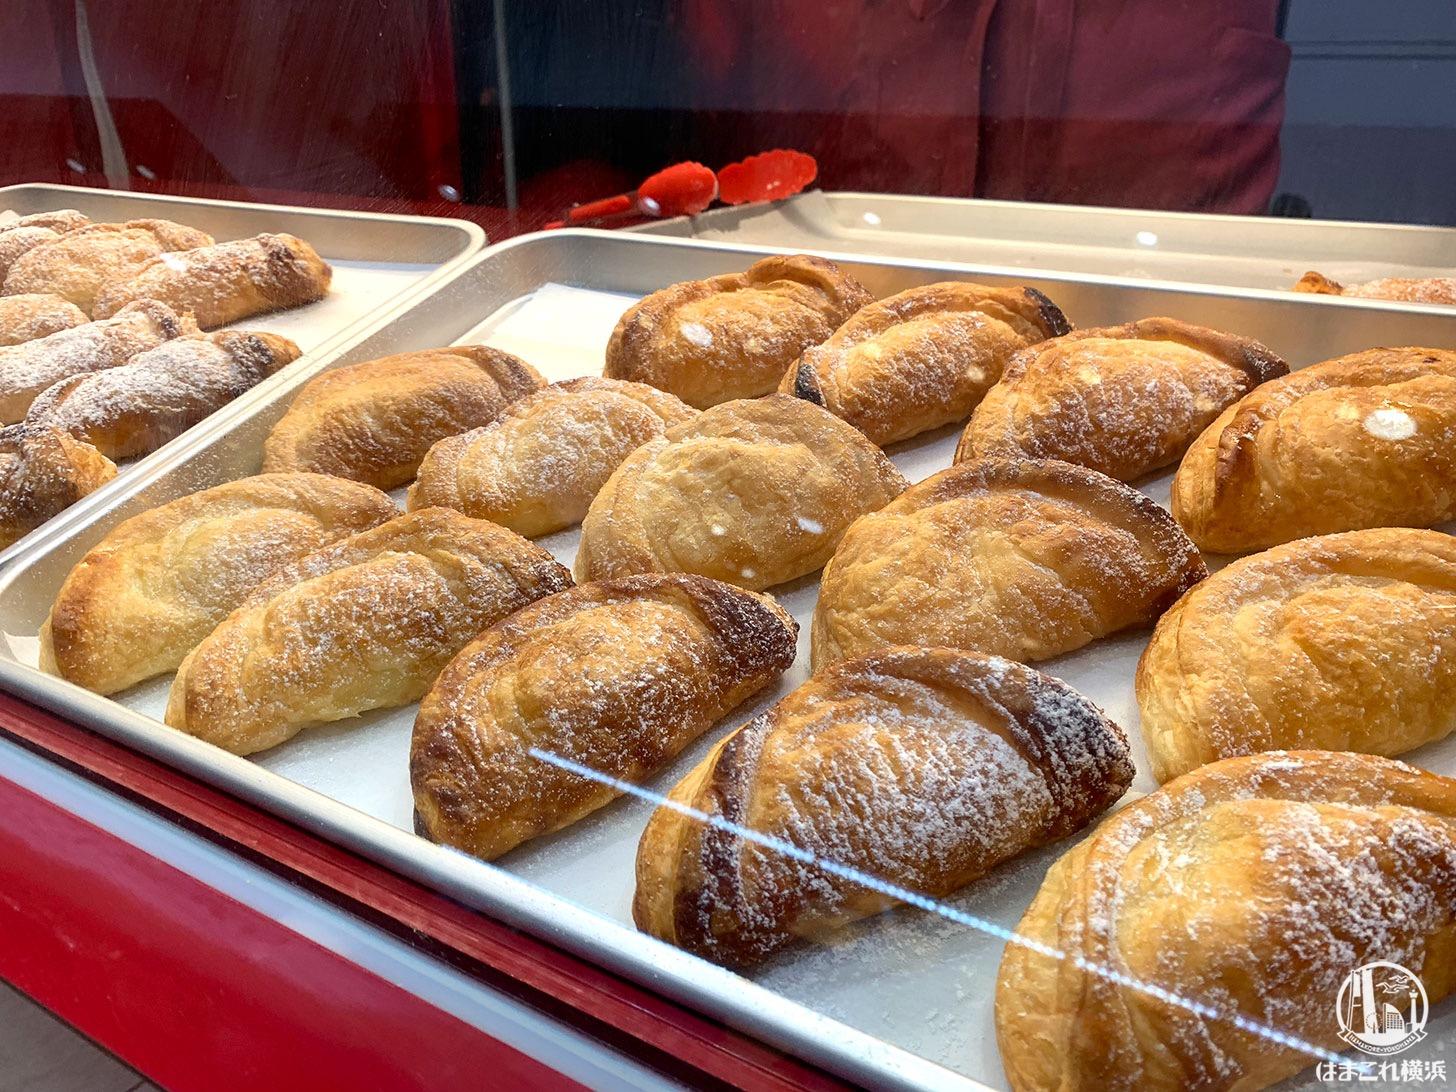 横浜駅「ドルチェアンドマルコ」世界一のアップルパイは手土産にも喜ばれた旨スイーツ!